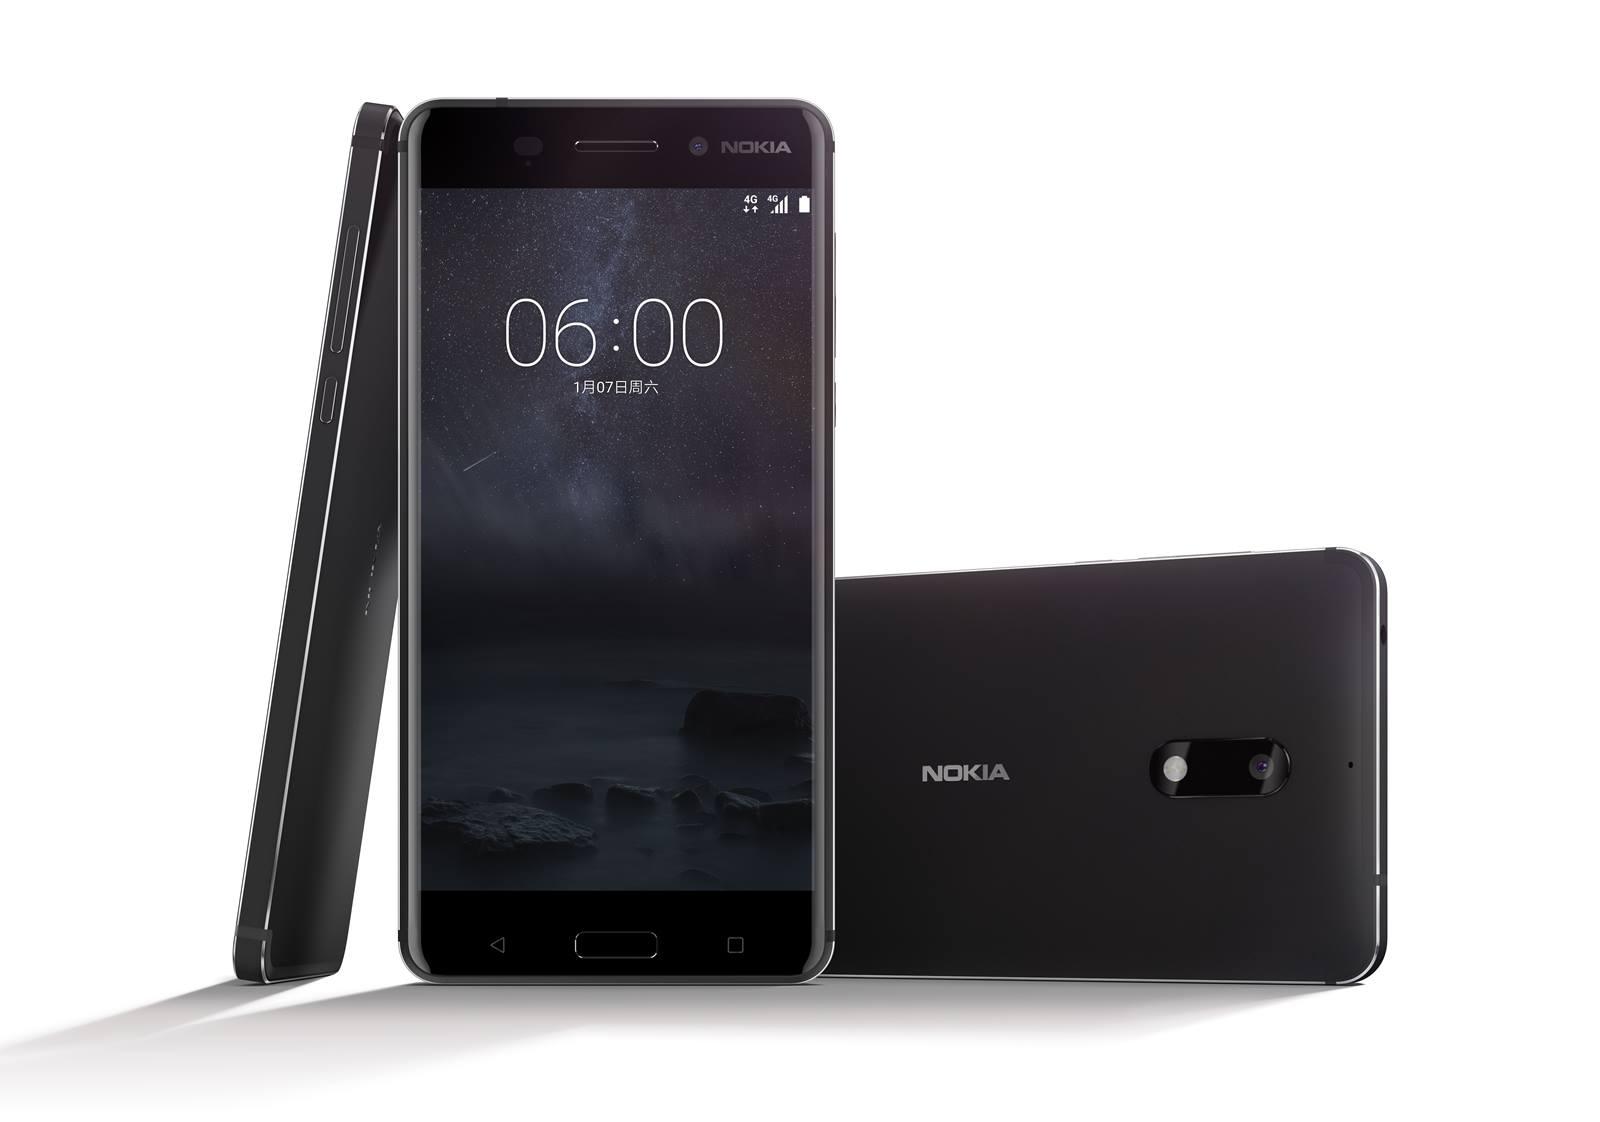 Poznaliśmy pierwszy smartfon nowej Nokii, ale czy jest się czym ekscytować? 22